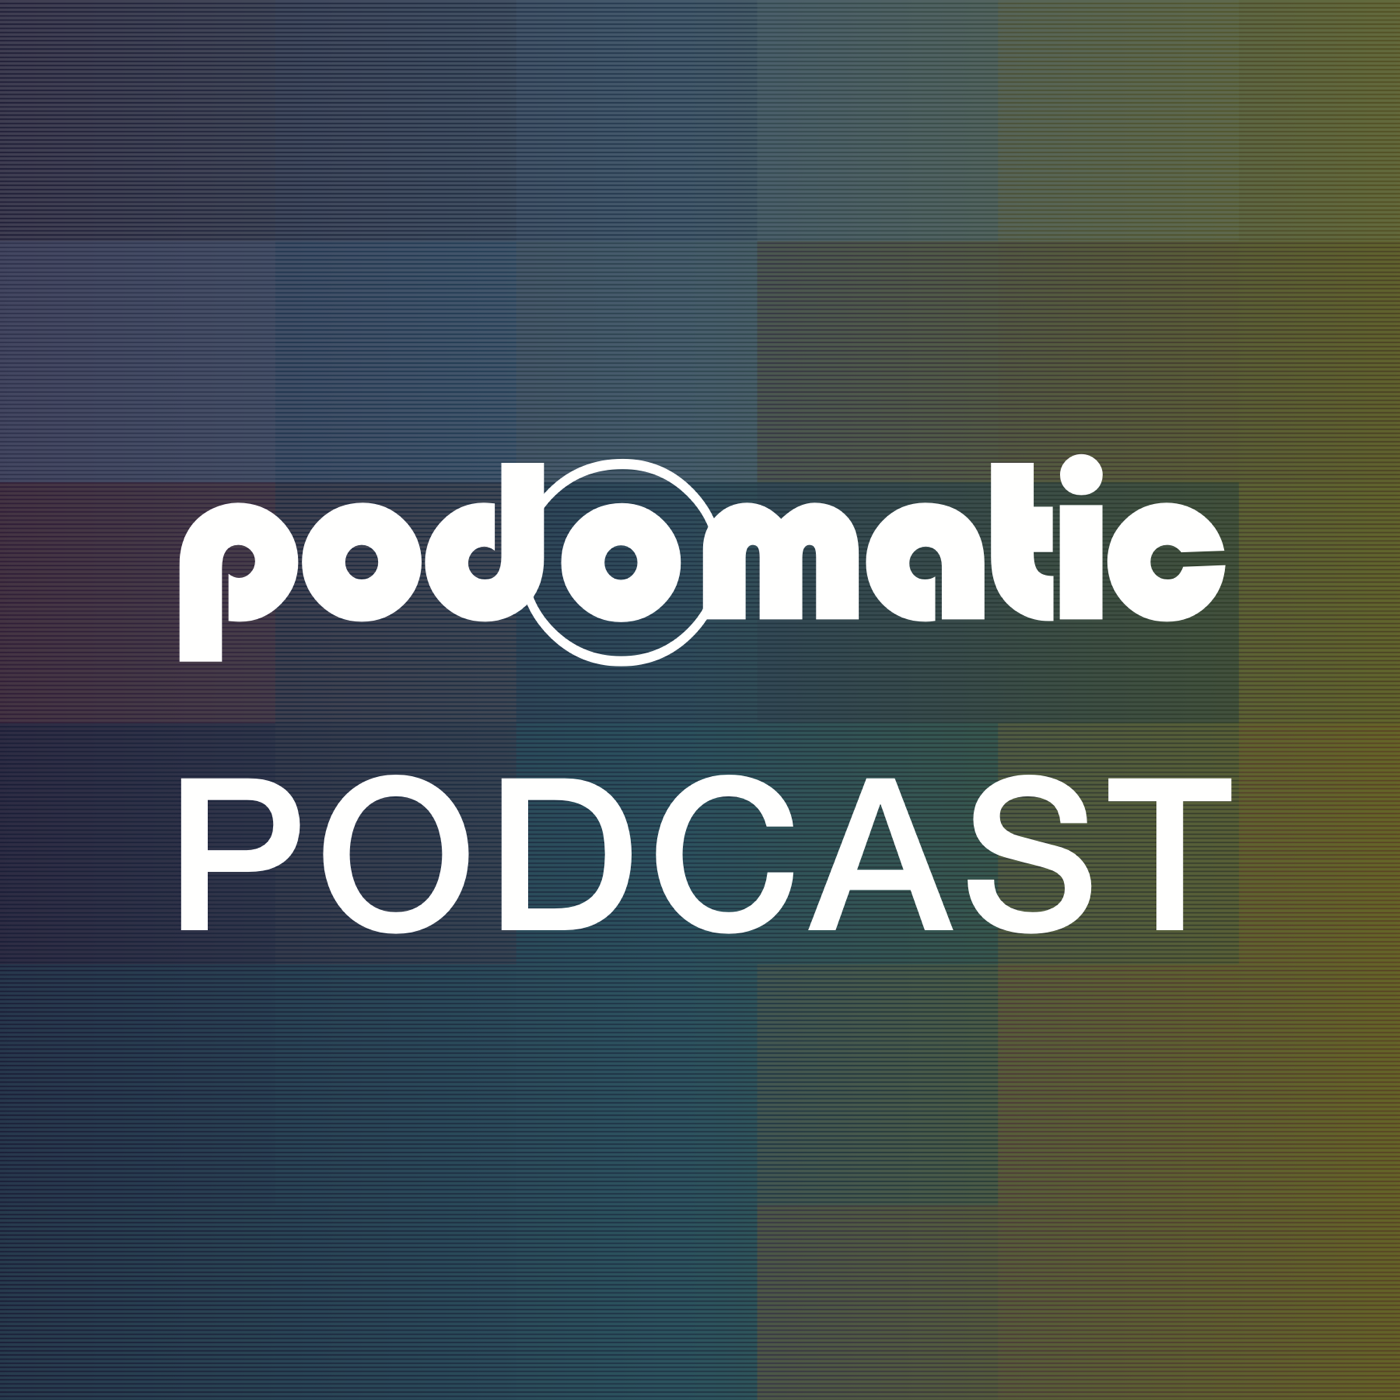 Atlanta Contemporary Art Center's Podcast